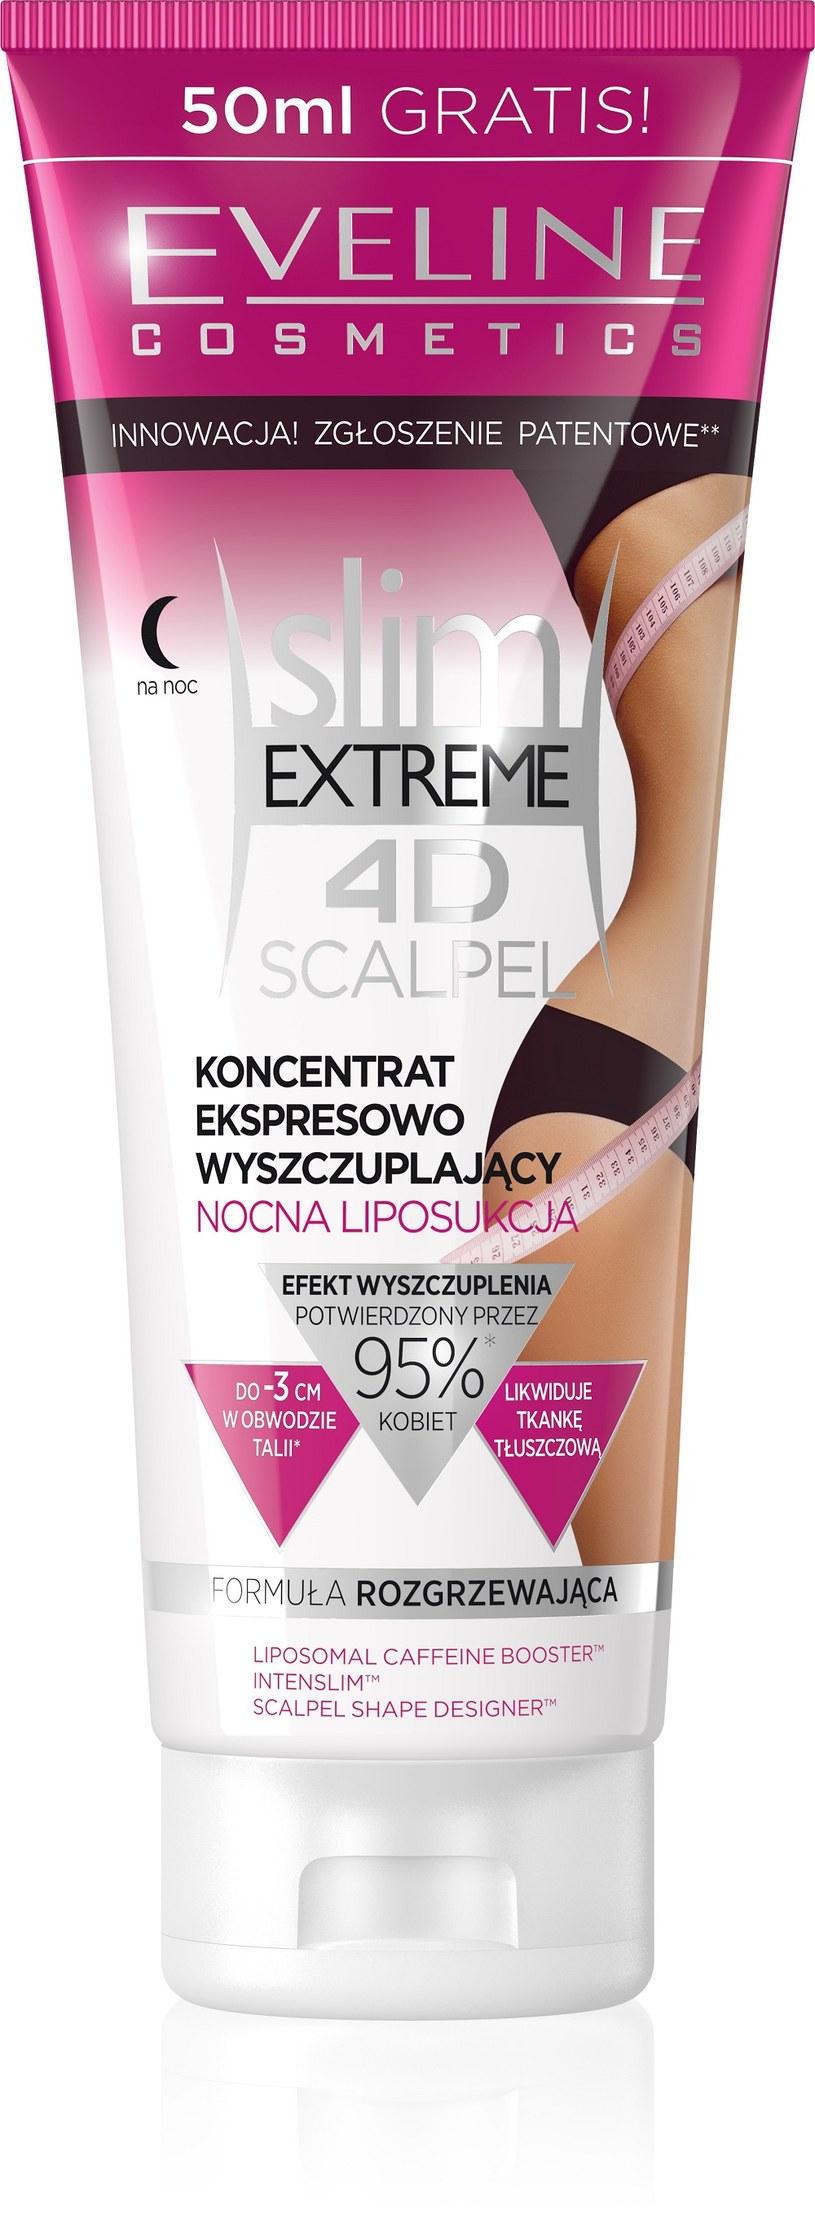 Koncentrat ekspresowo wyszczuplający nocna liposukcja od Eveline Cosmetics /INTERIA/materiały prasowe